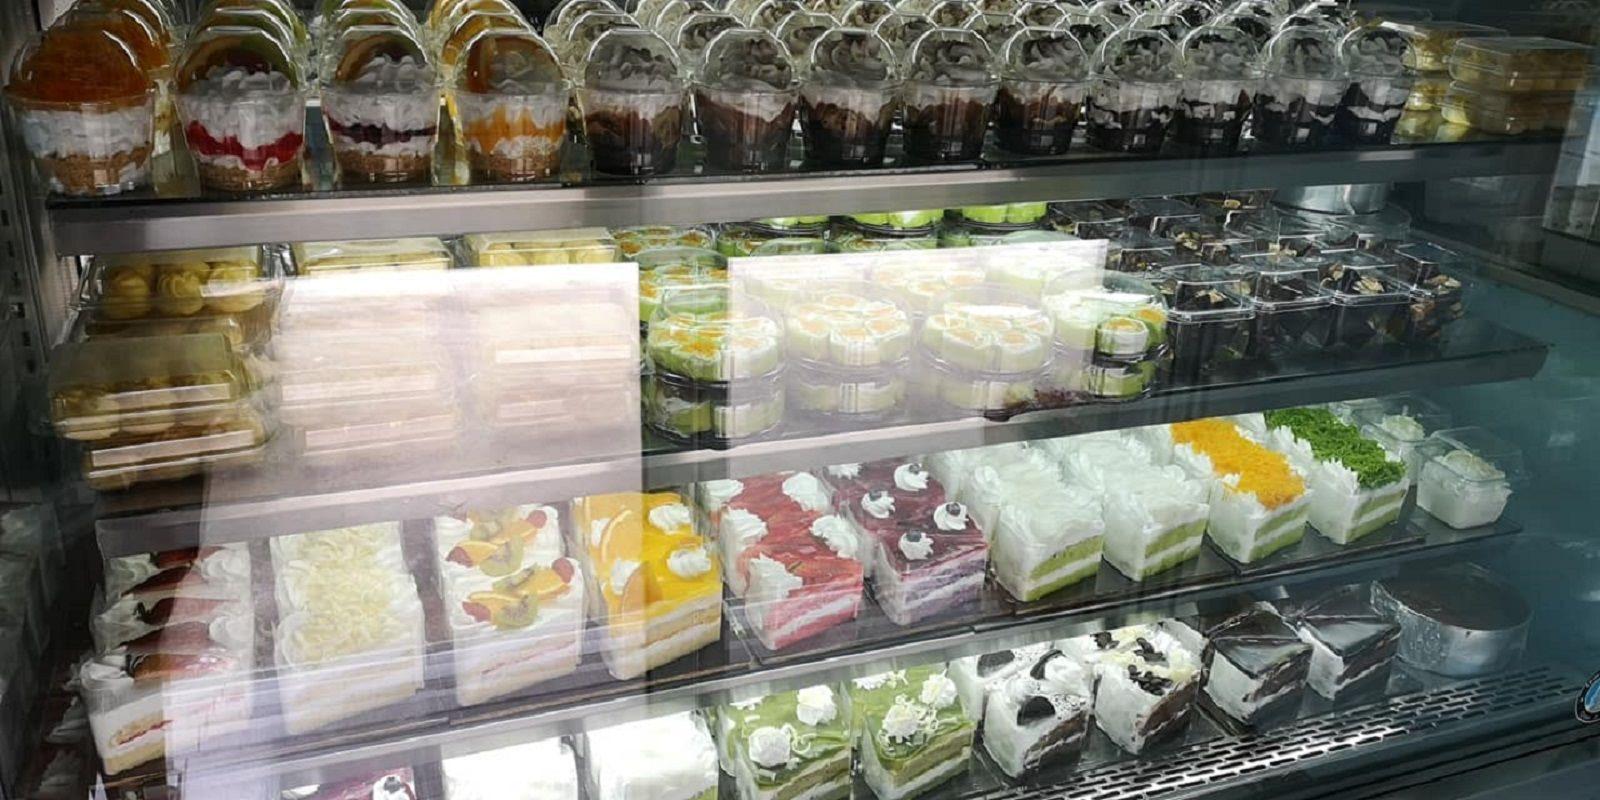 อยากกินเค้กนมสดอร่อย ราคาสุดแสนดีต่อใจ ต้องมาที่ร้านเค้กป้าจิน @สัตหีบ